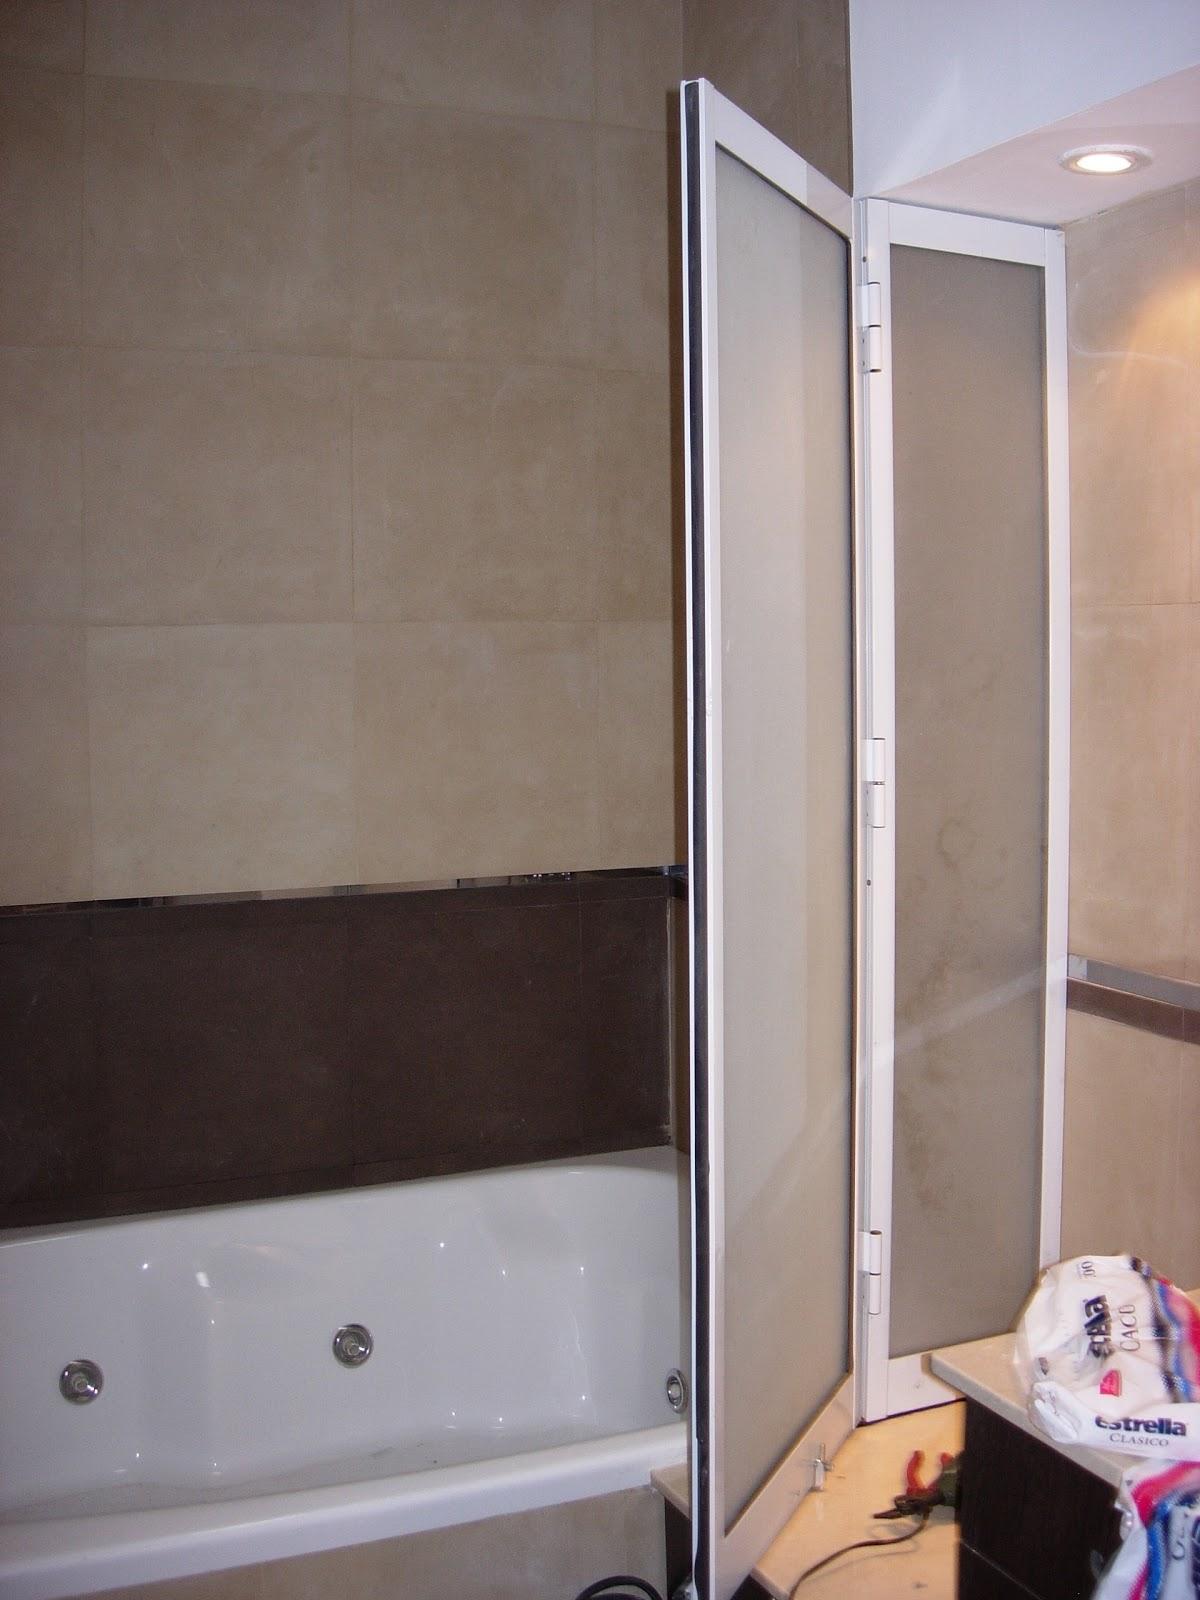 Baño Con Ducha Escocesa: de Aluminio): mampara para baño, yacussi y ducha escocesa